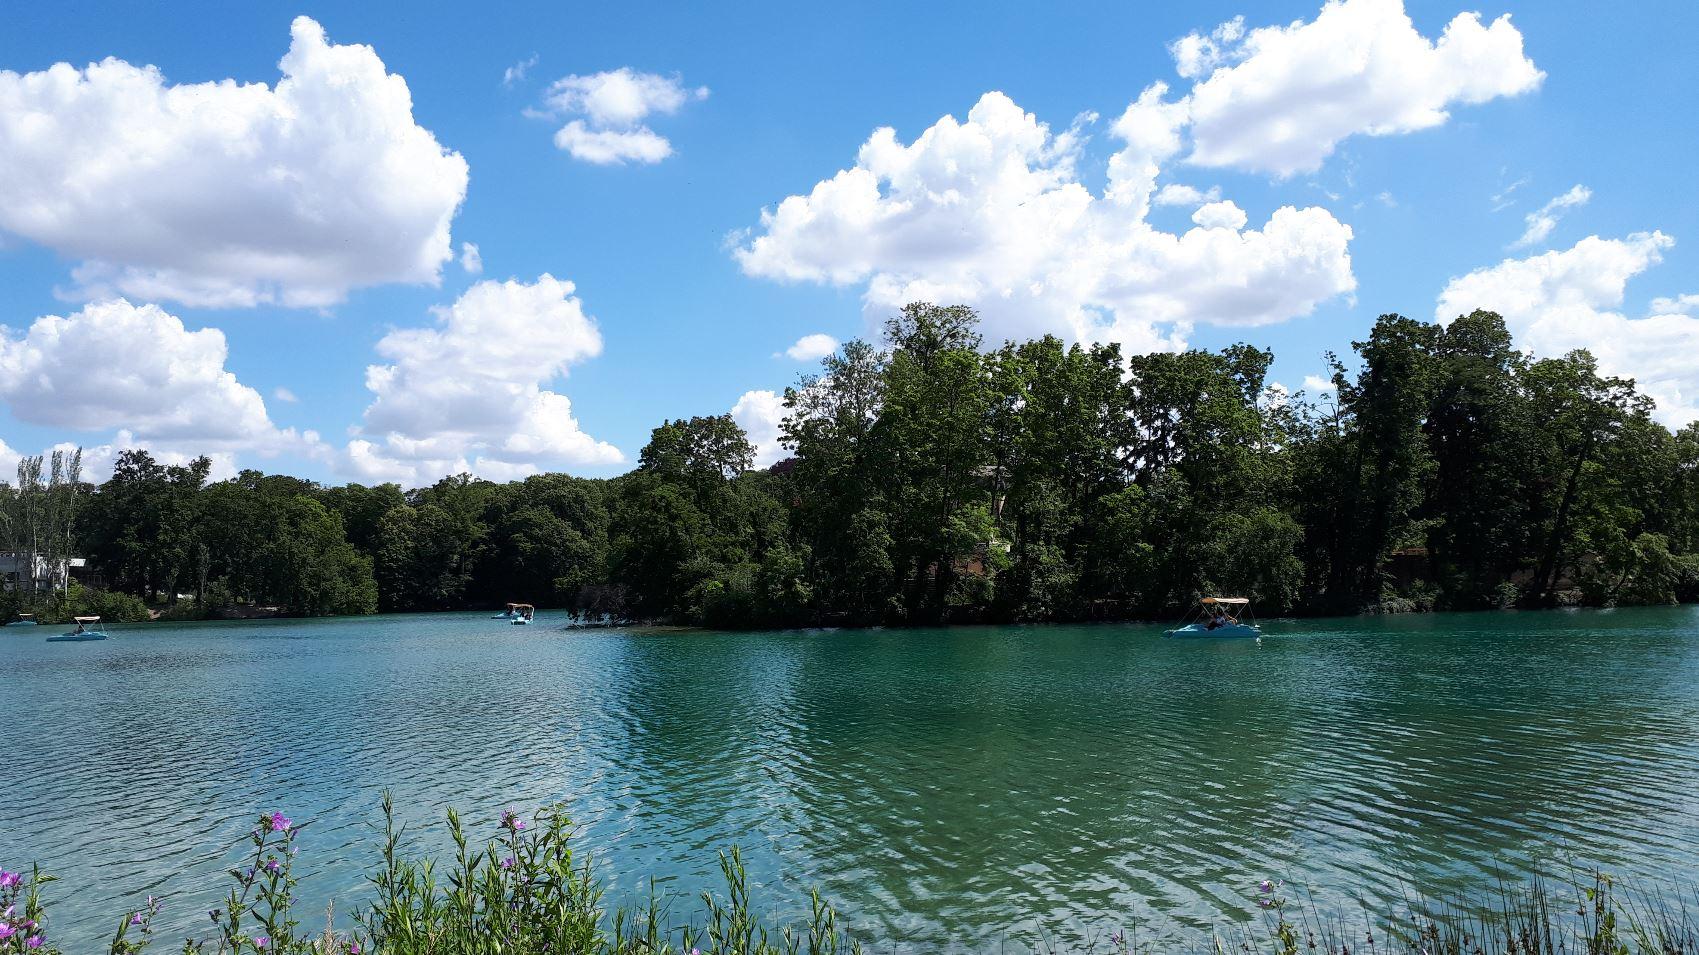 Parc de la tête d'or et son lac